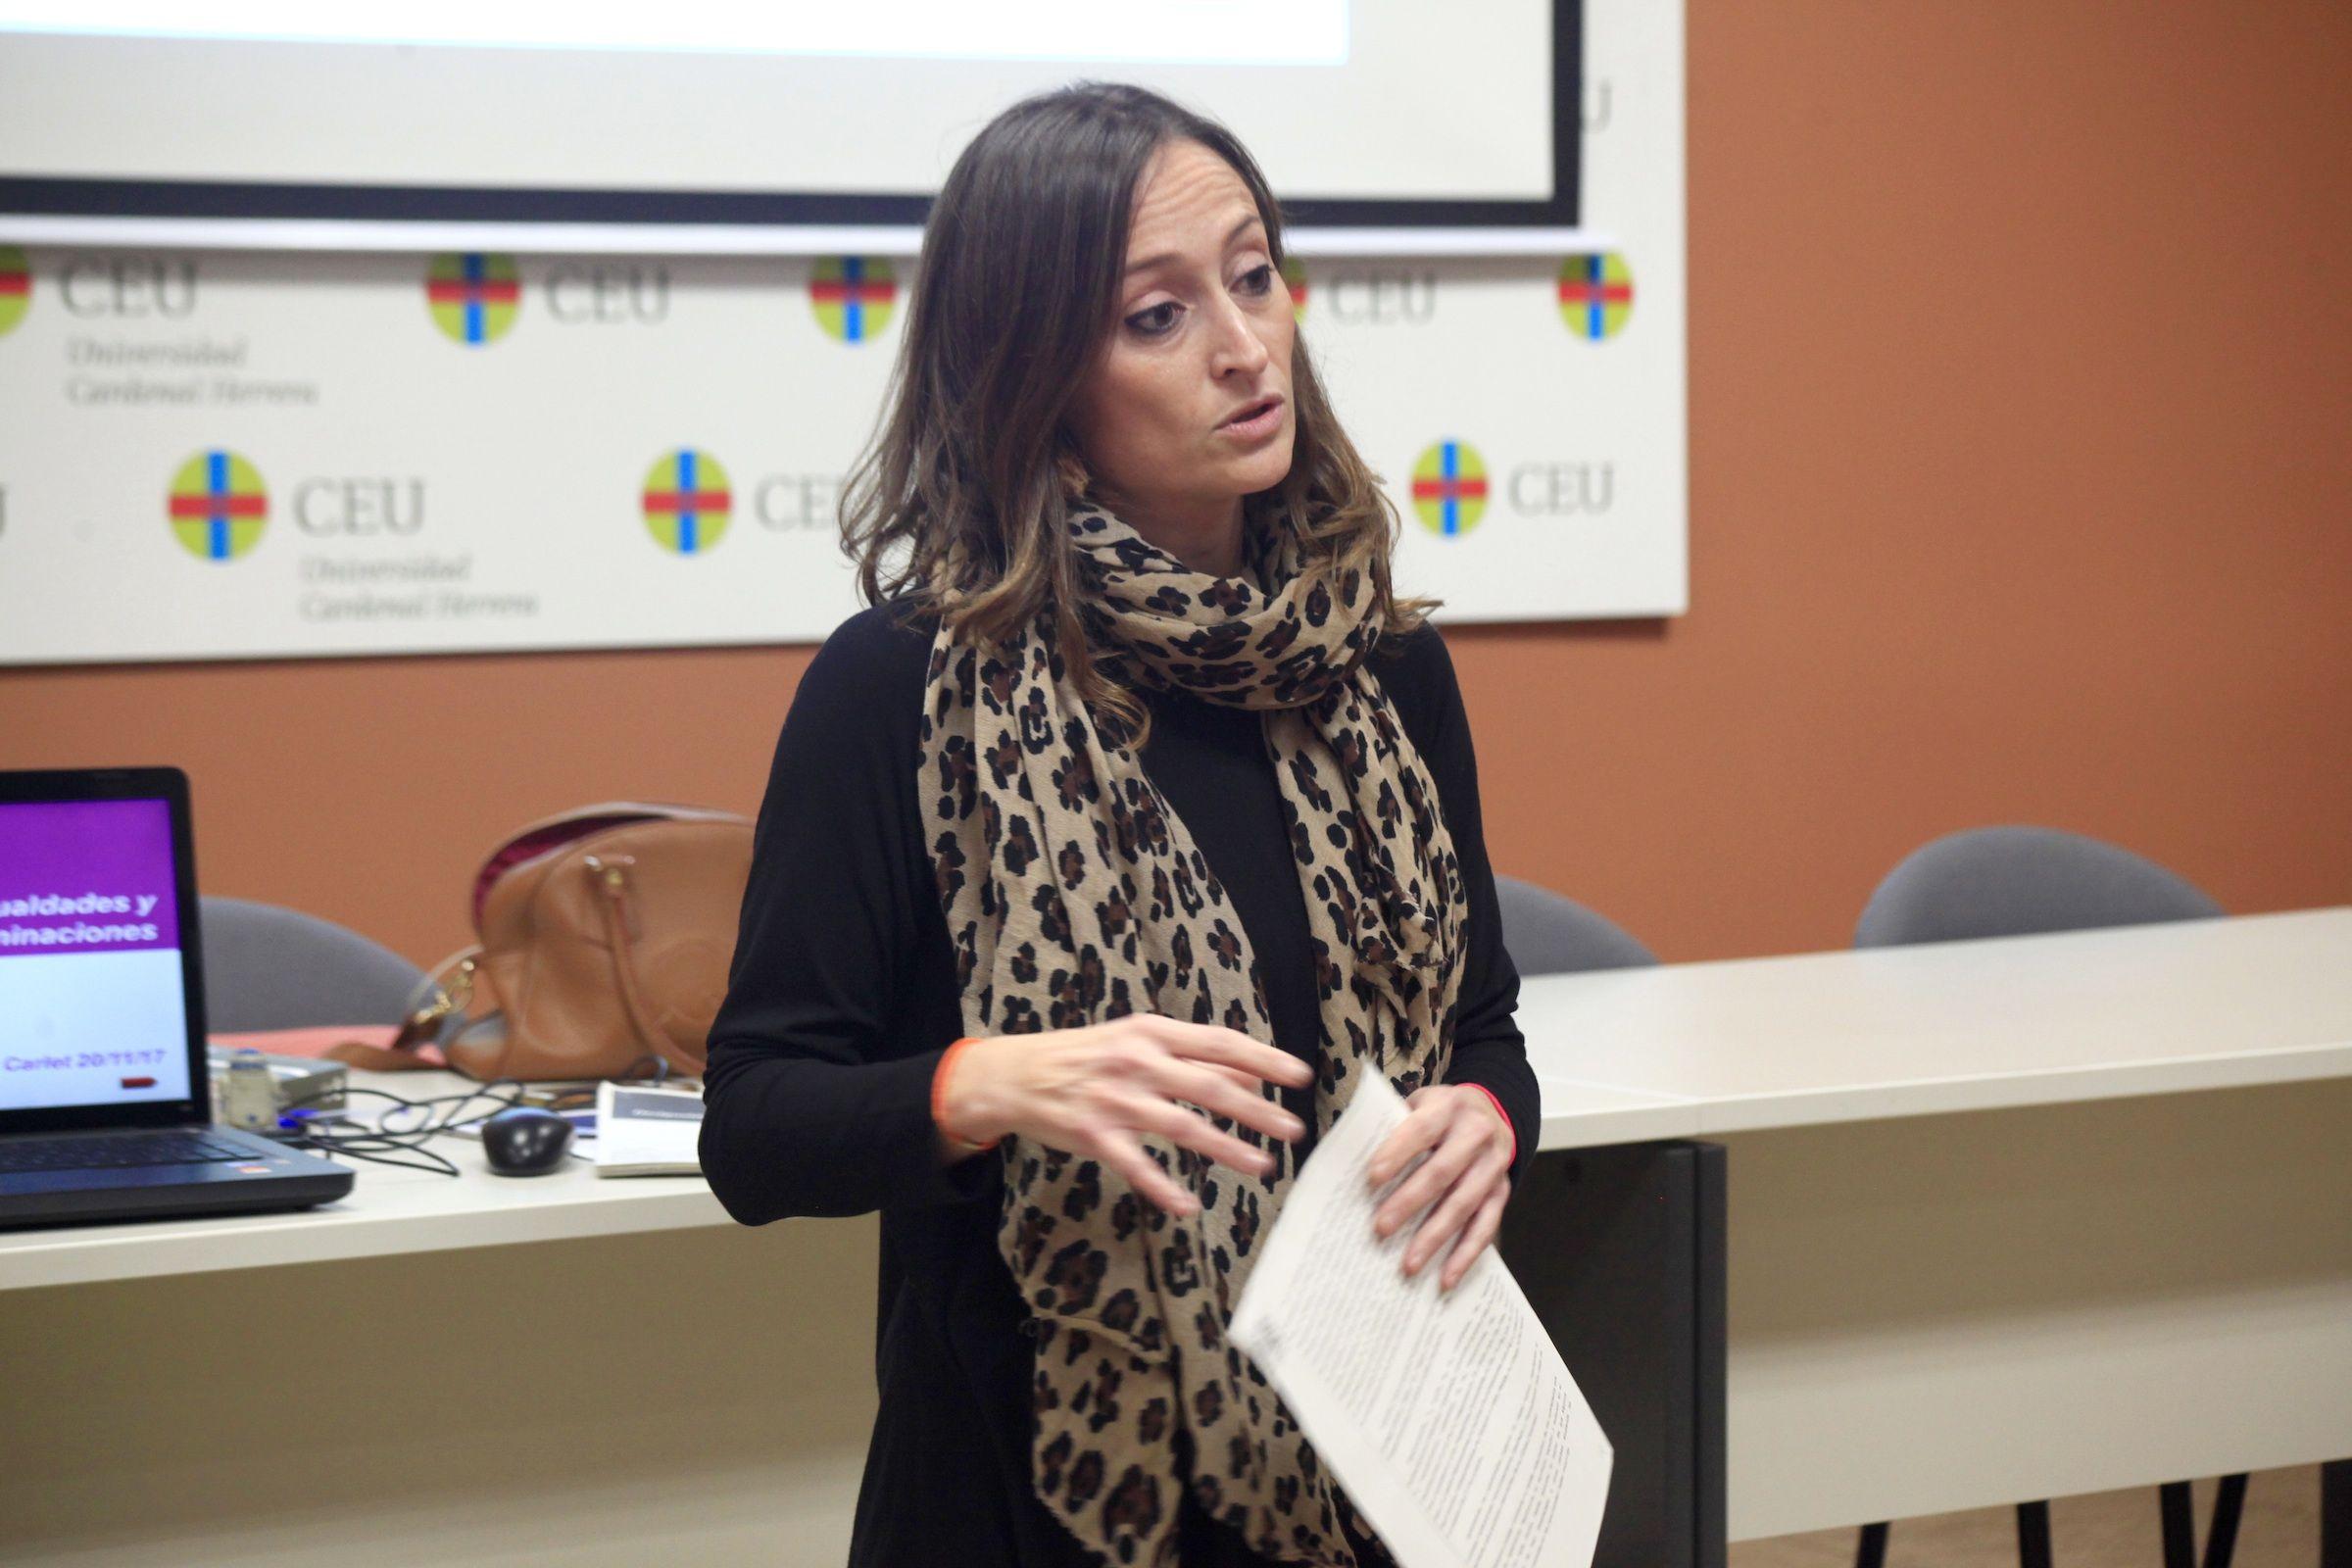 """Lara Esteve, durante su participación en la sesión """"Igualdad desde la justicia"""", en la CEU UCH."""